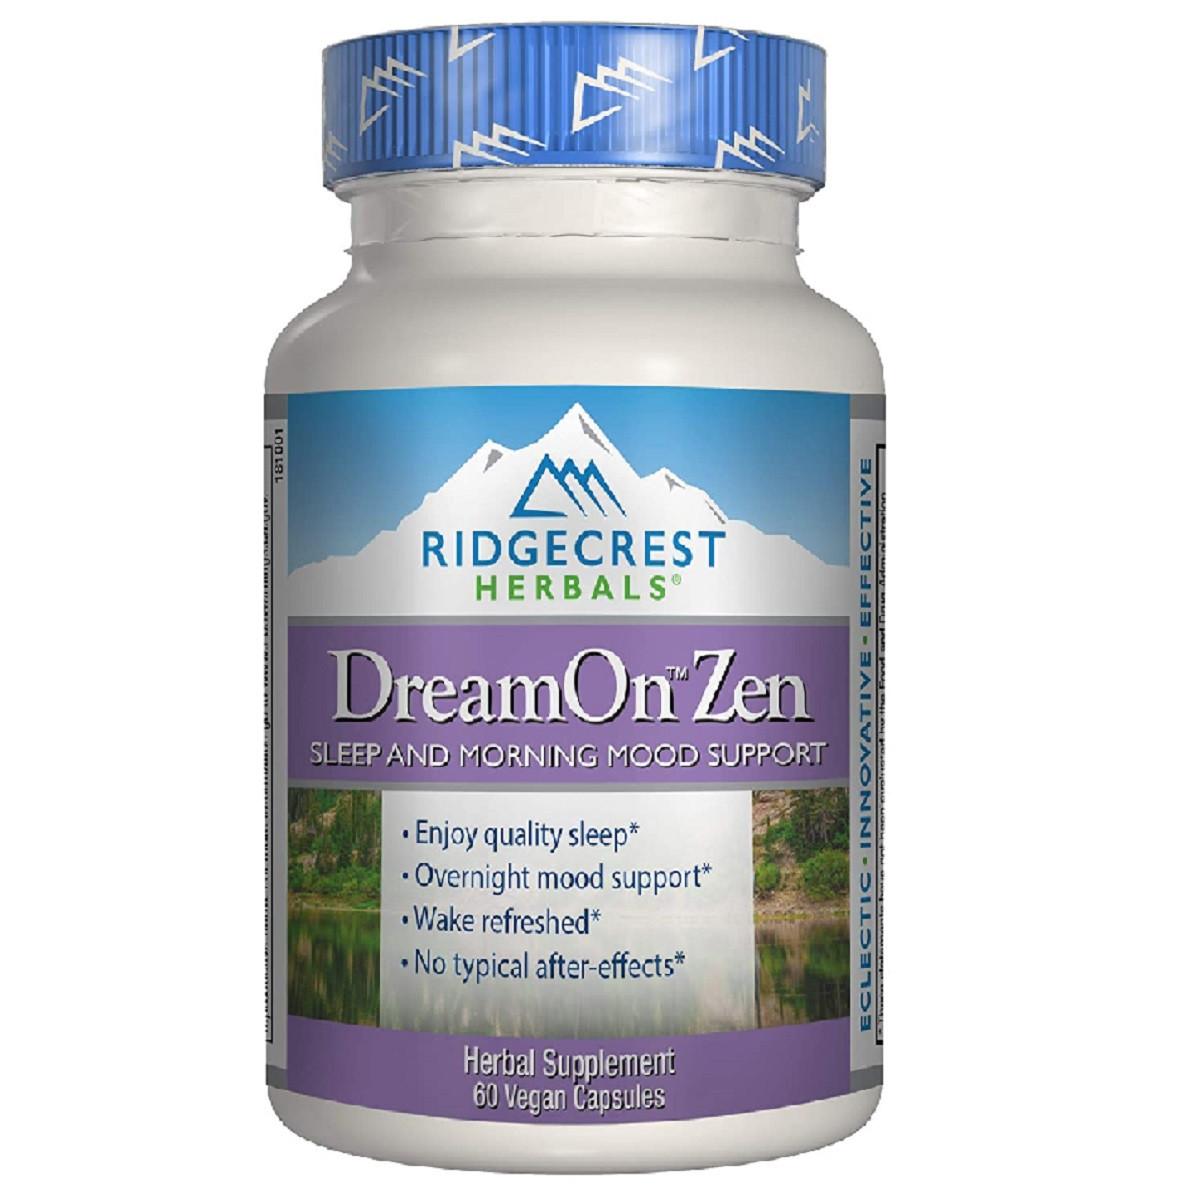 Природный Комплекс для Здорового Сна, DreamOn Zen, RidgeCrest Herbals, 60 вегетарианских капсул